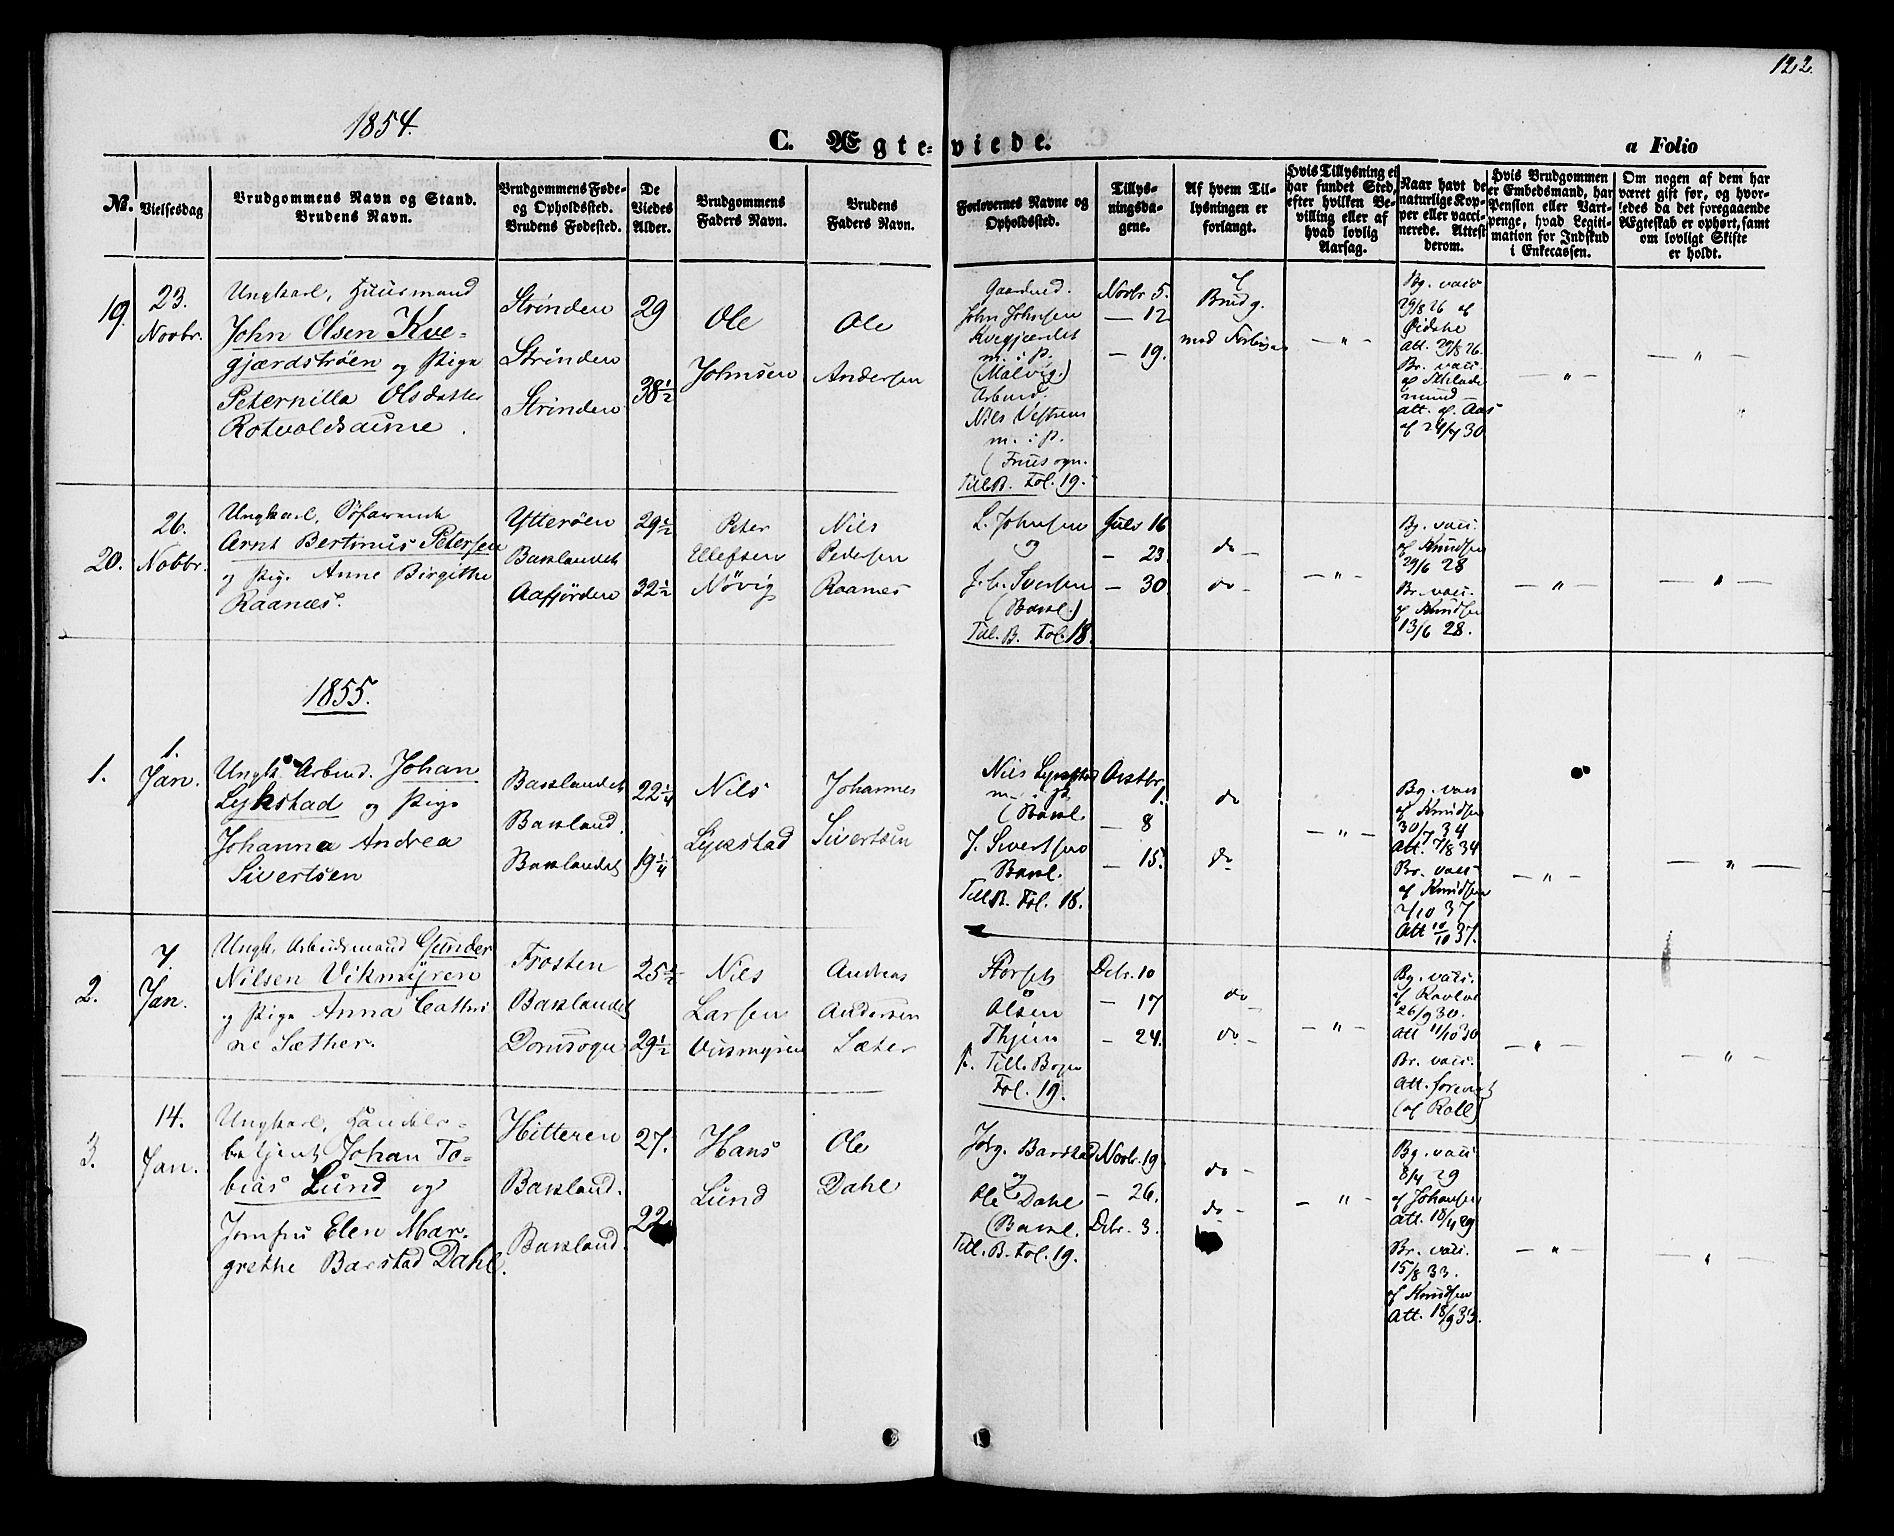 SAT, Ministerialprotokoller, klokkerbøker og fødselsregistre - Sør-Trøndelag, 604/L0184: Ministerialbok nr. 604A05, 1851-1860, s. 122